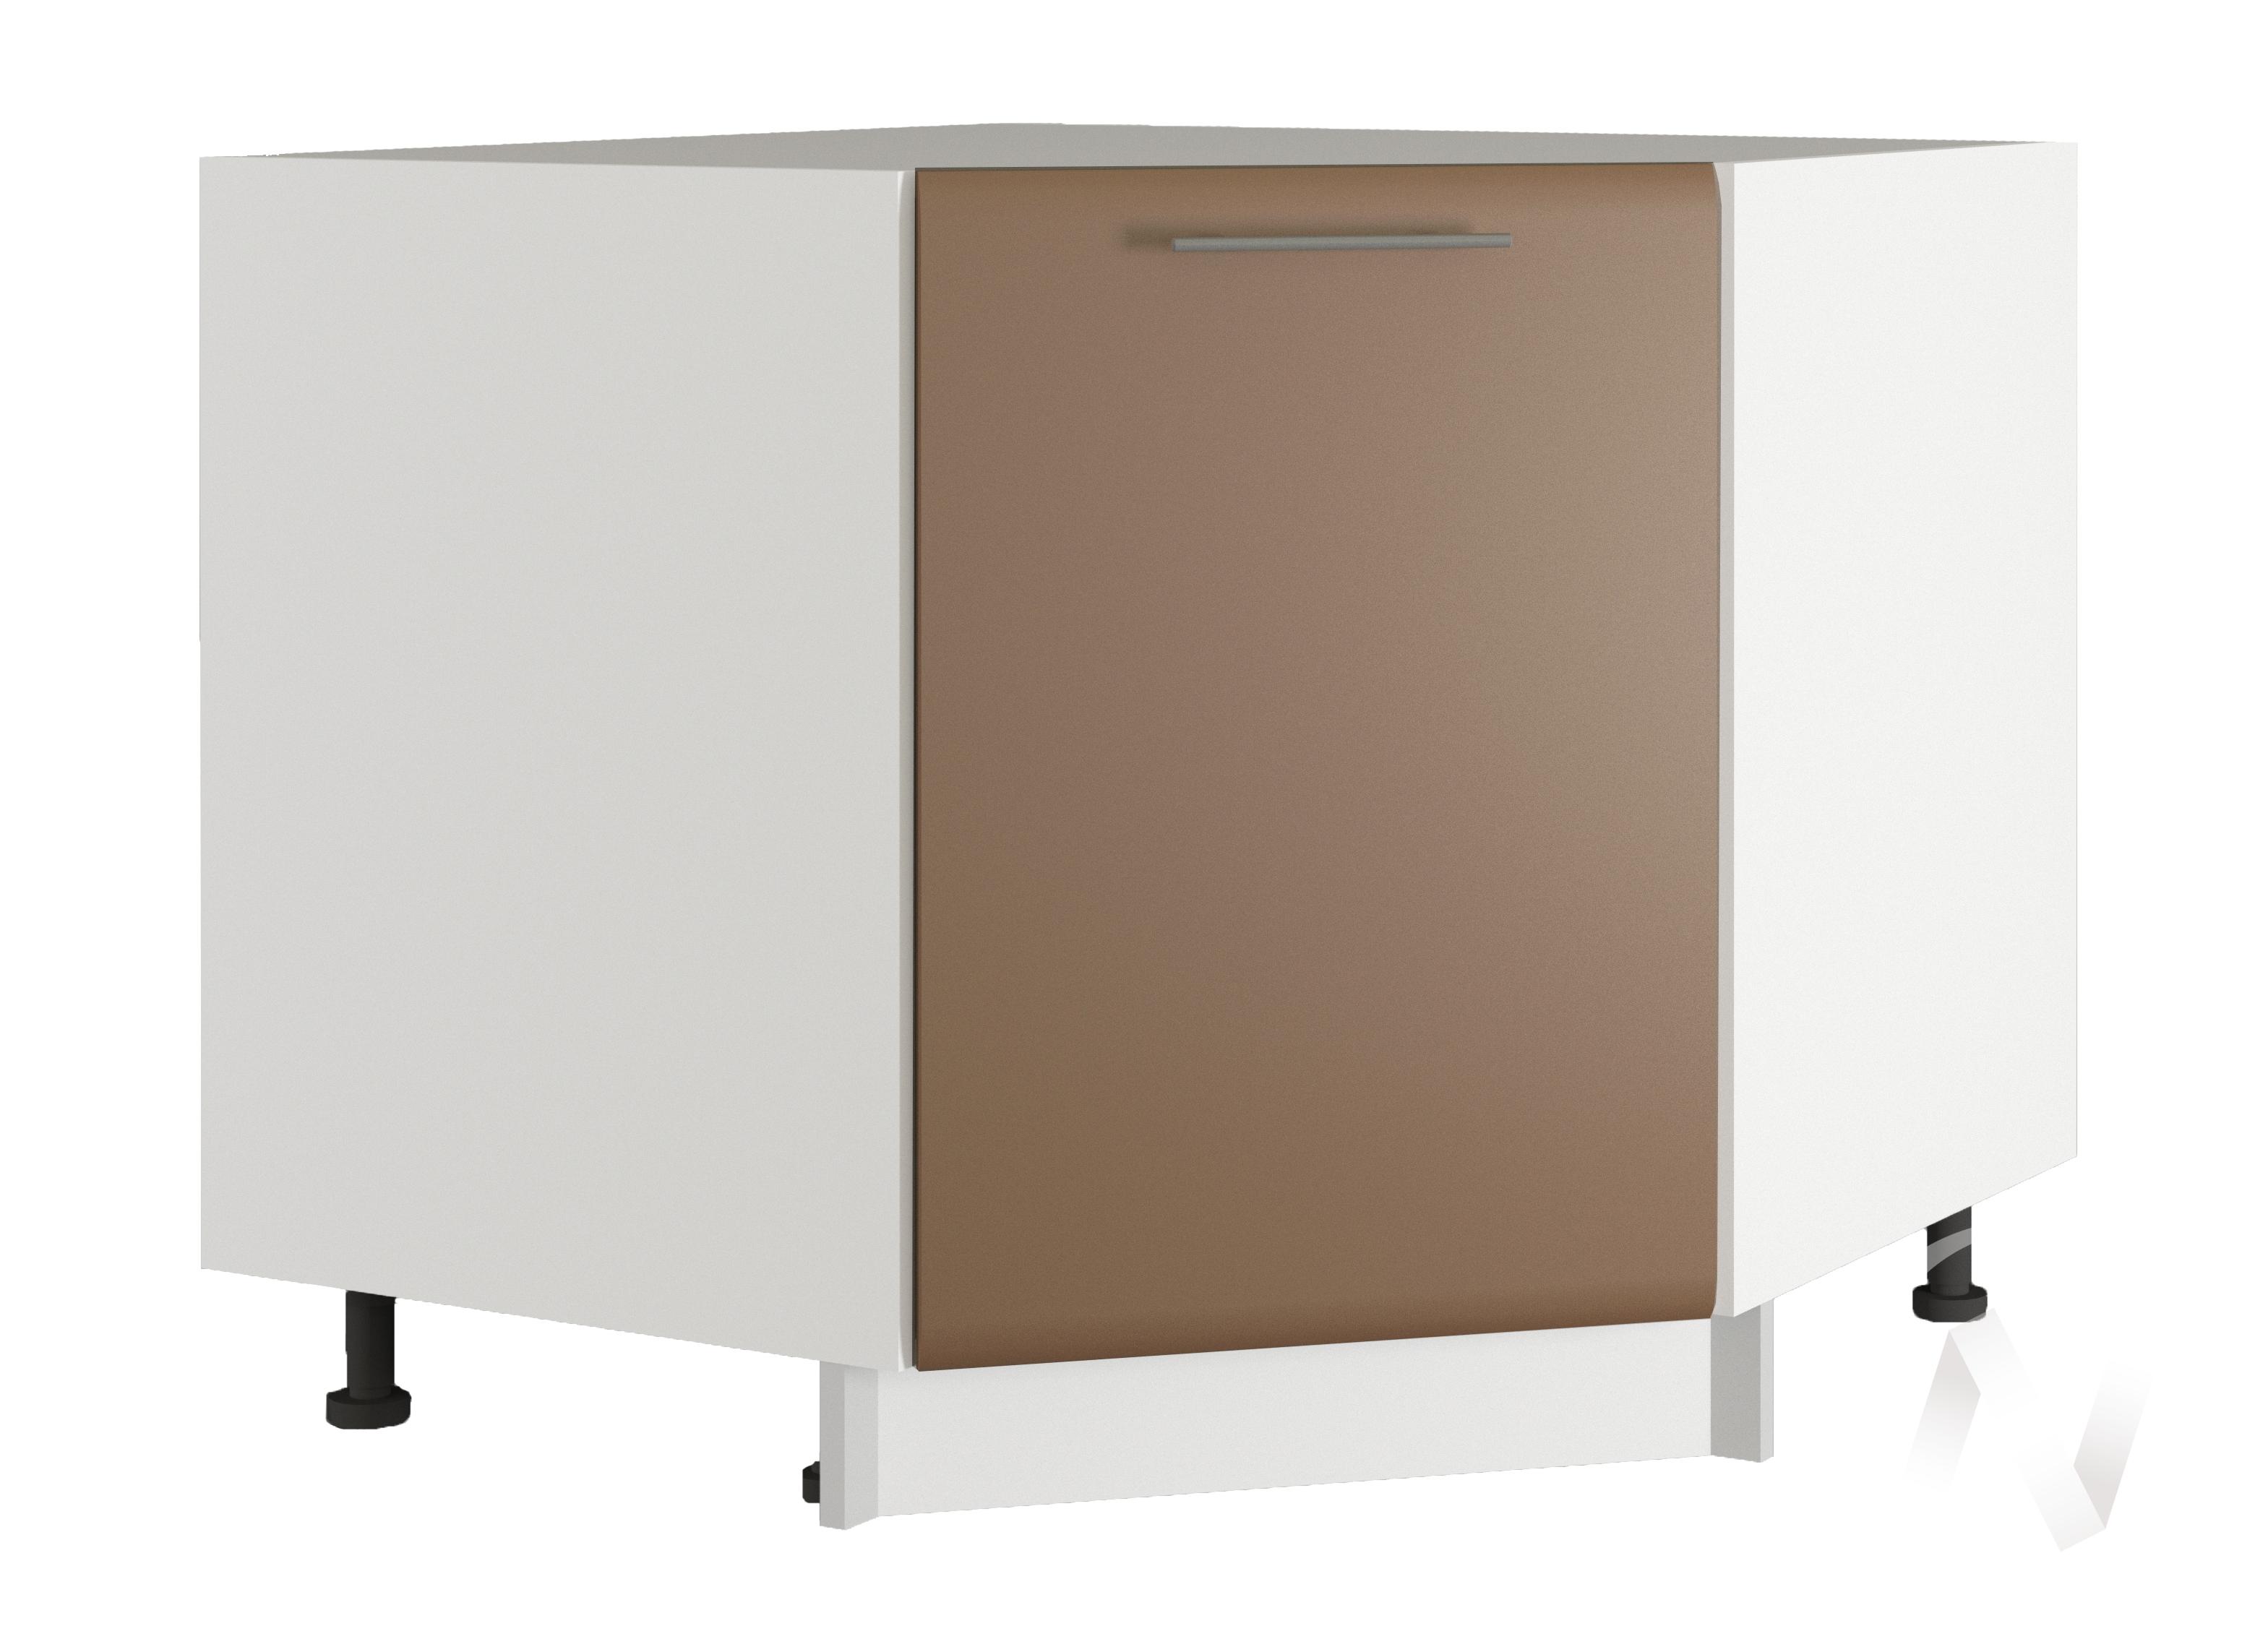 """Кухня """"Люкс"""": Шкаф нижний угловой 890, ШНУ 890 (Шоколад матовый/корпус белый)"""